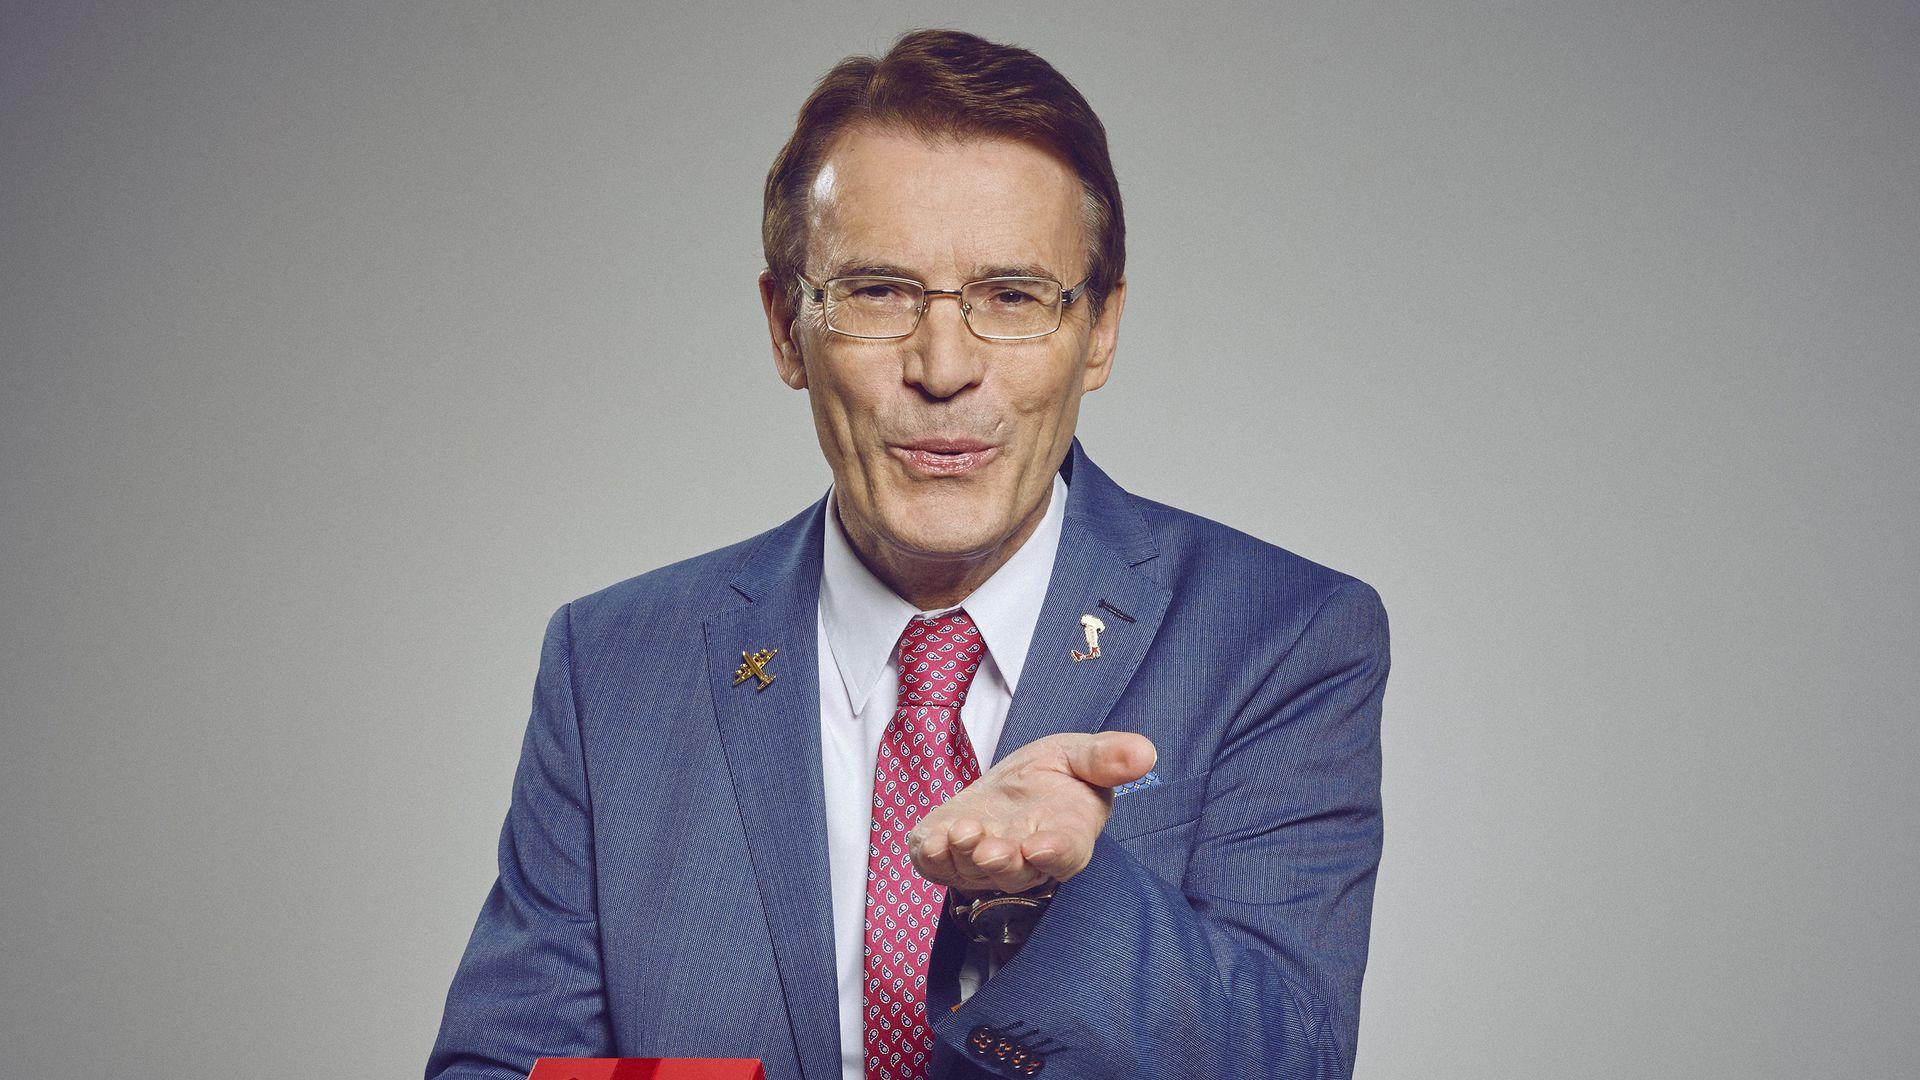 Walter Traumfrau Gesucht